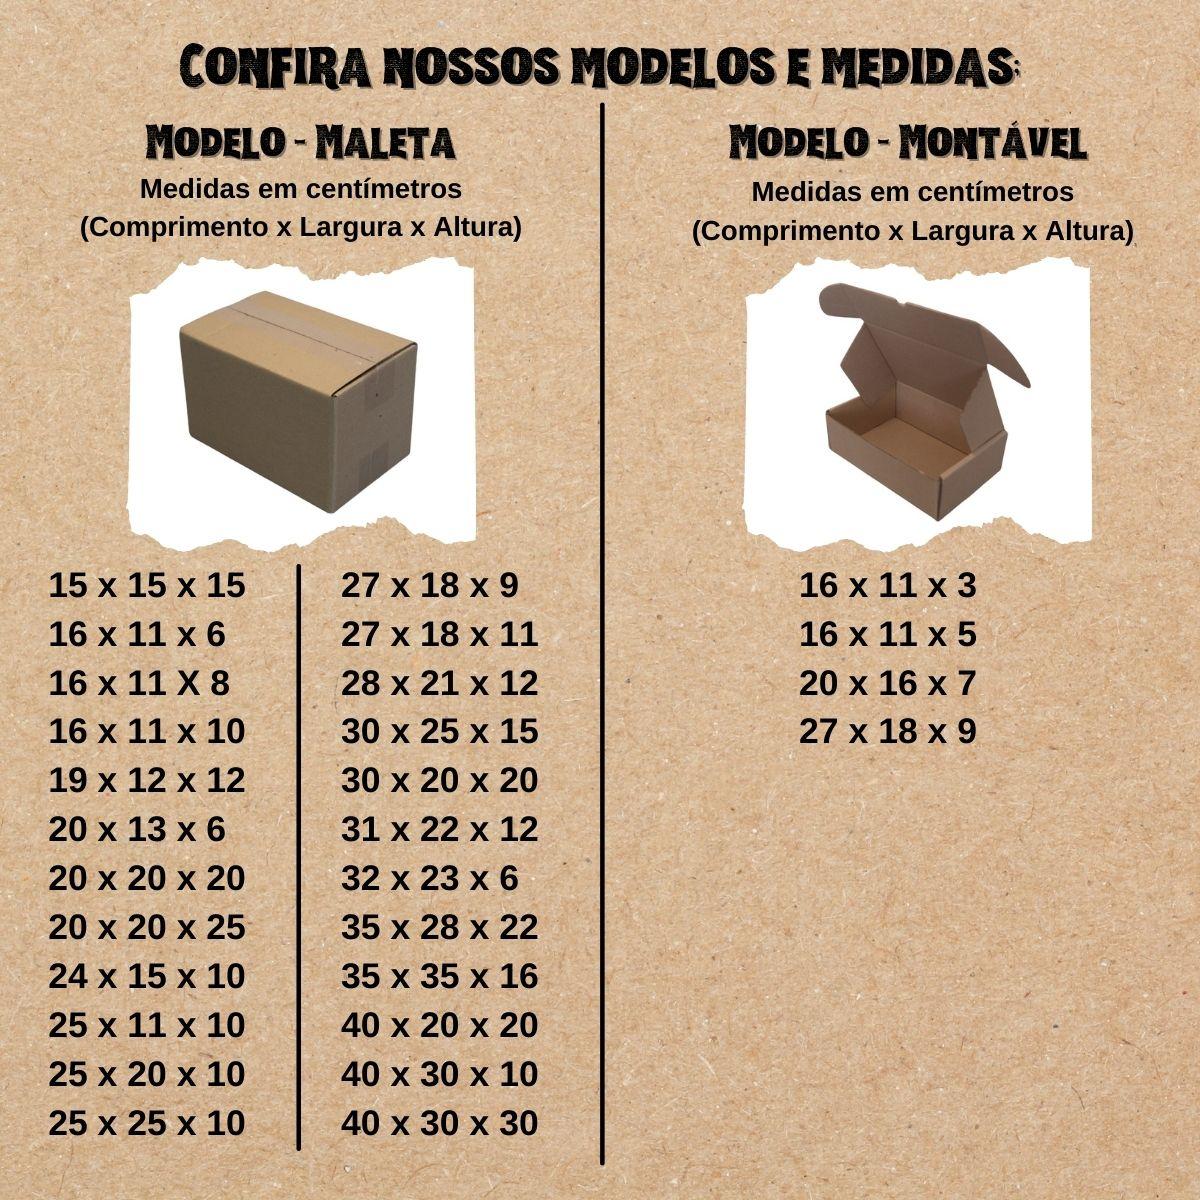 50 Caixas de Papelao (20X20X25)cm - Sedex / Pac / Correios